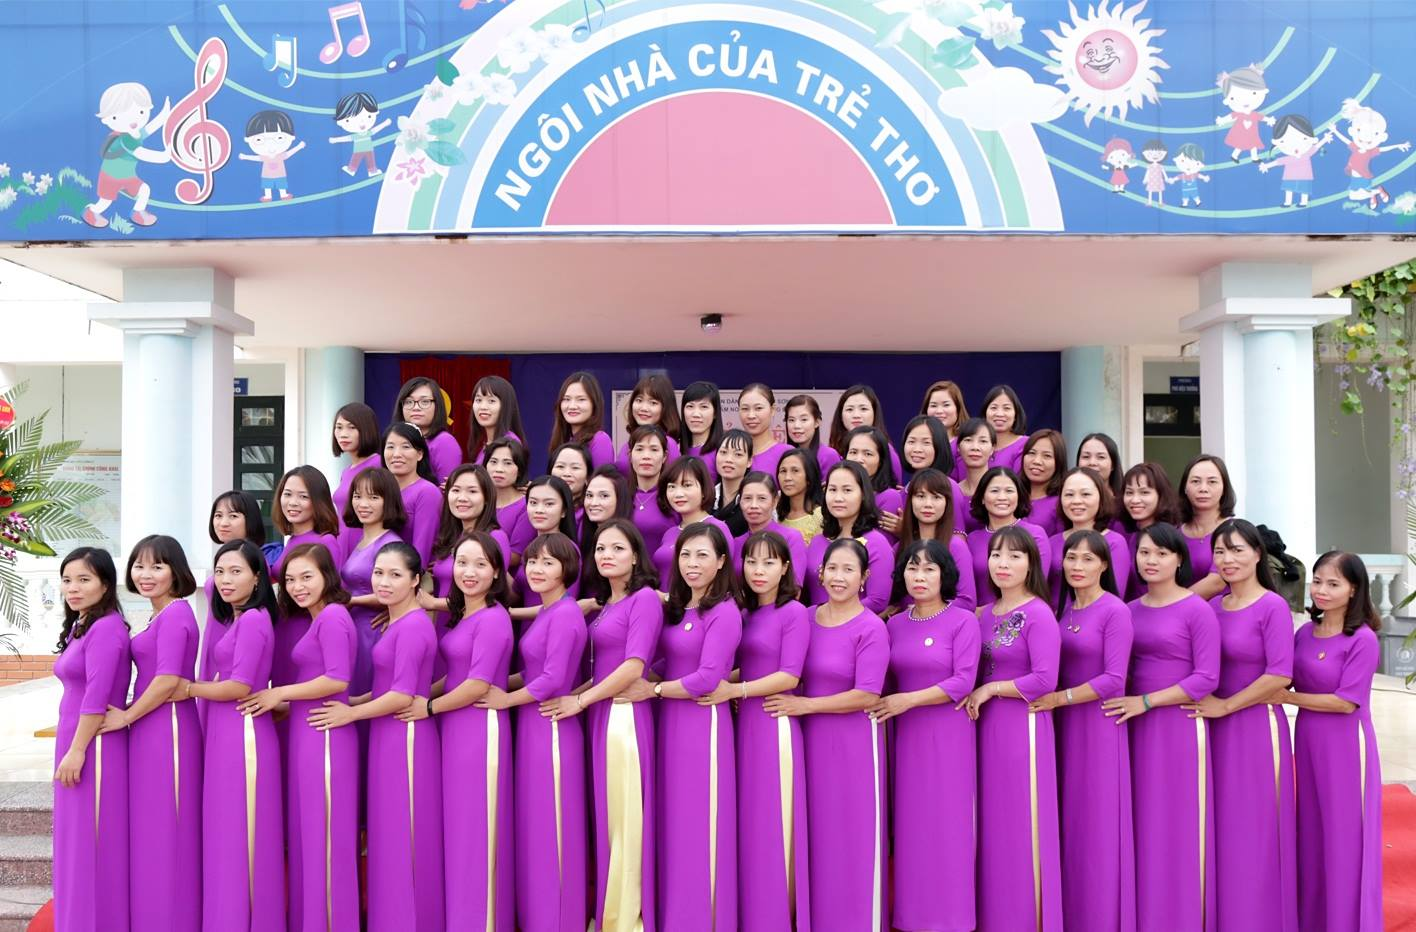 Trường mầm non Phú Cường B - Sóc Sơn